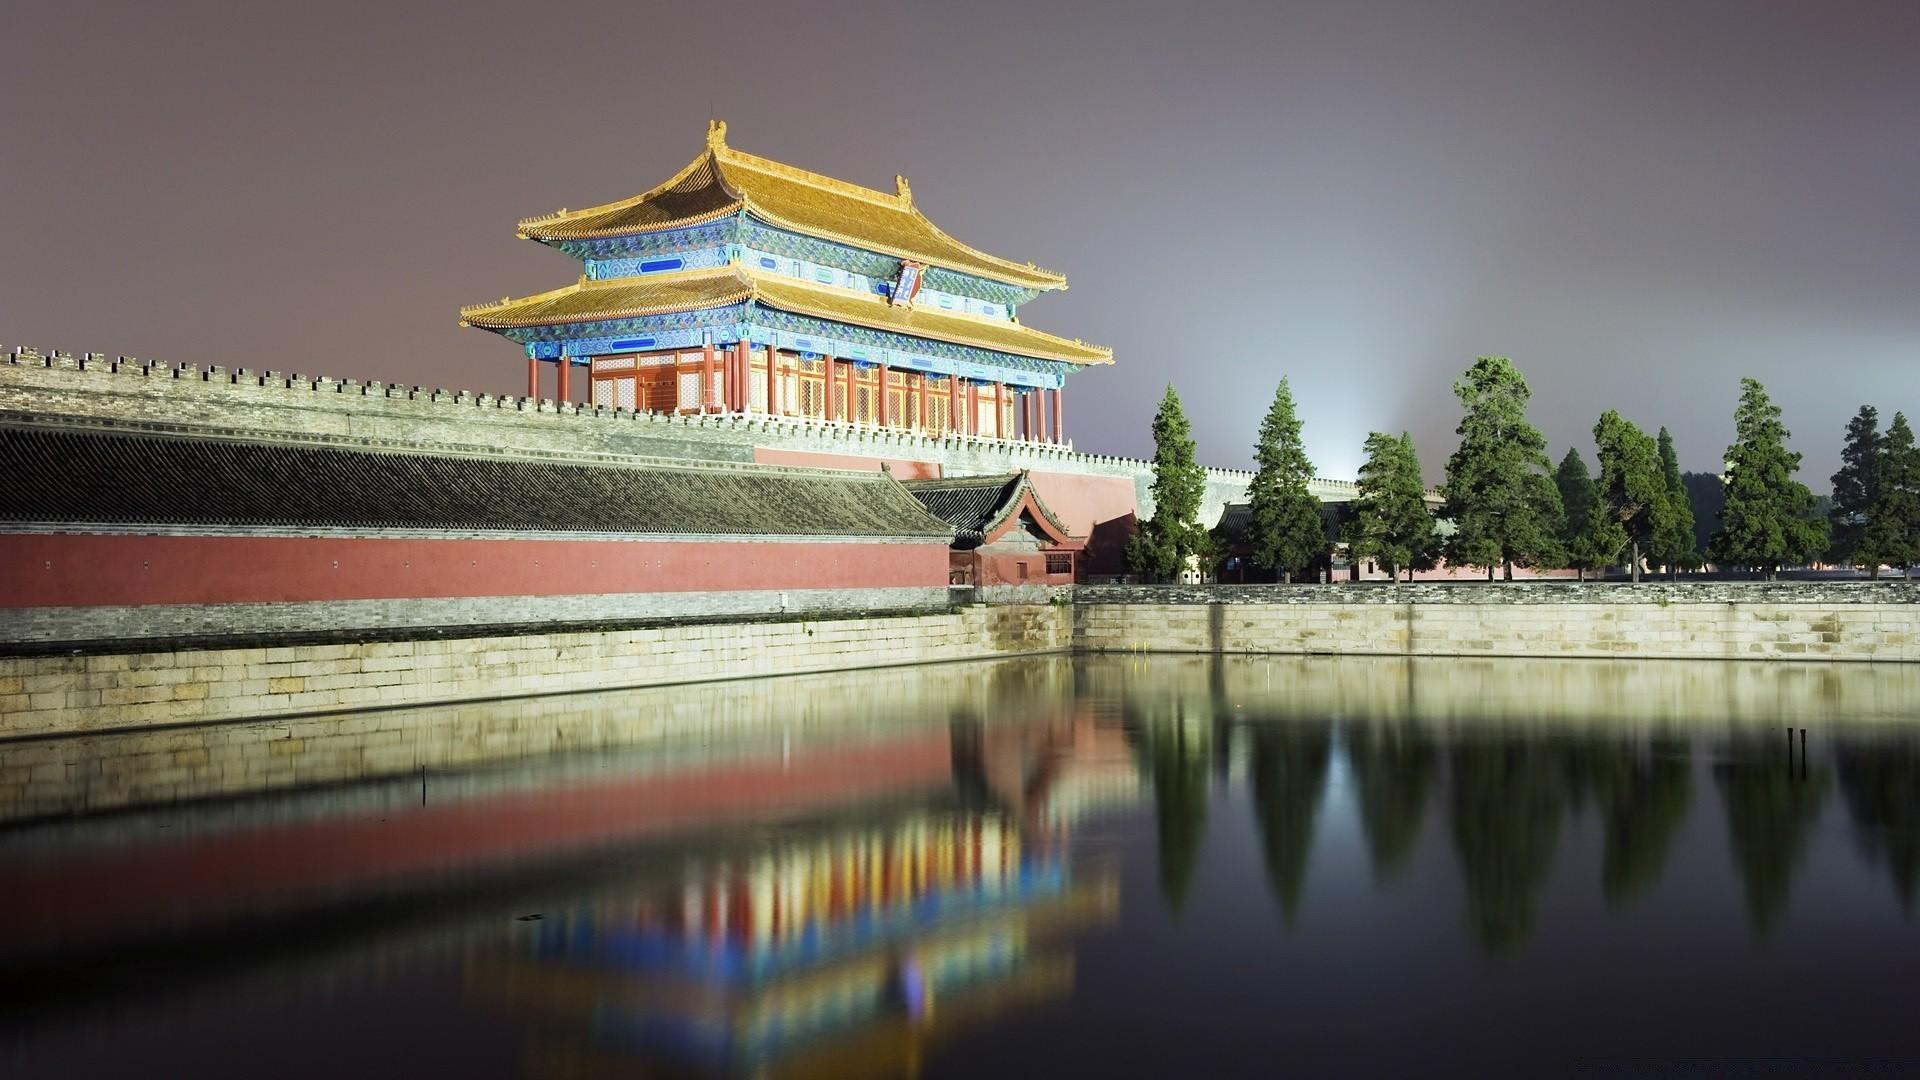 архитектура страны Пекин Китай загрузить